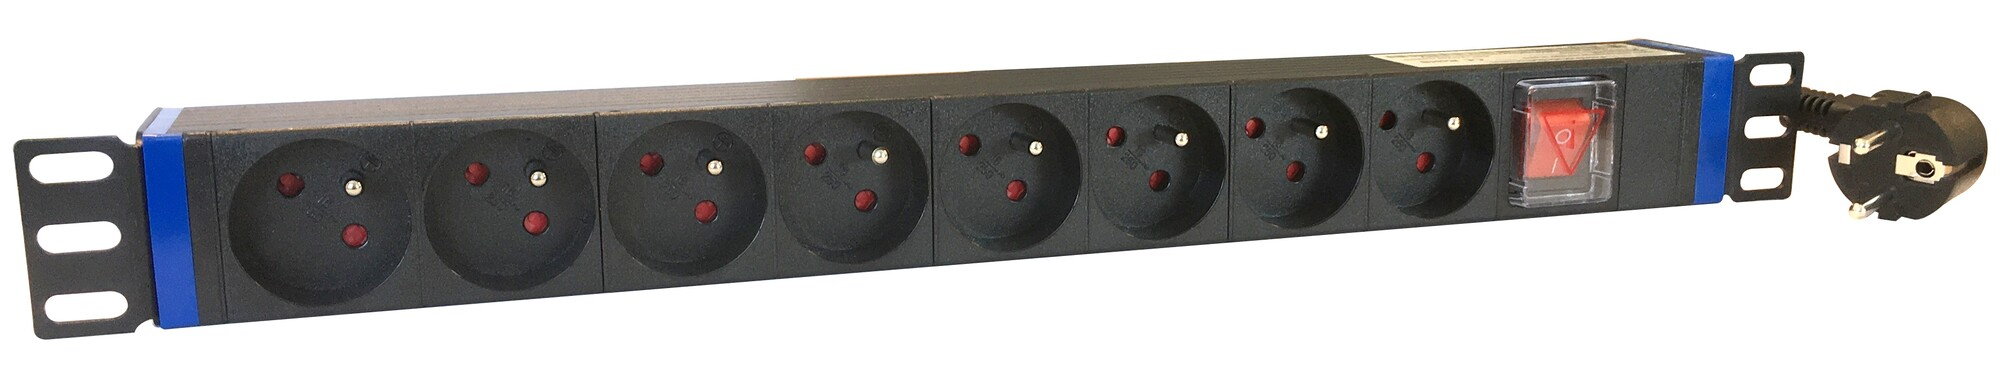 Afbeelding van 19 inch 8 voudige stekkerdoos met schakelaar - Penaarde